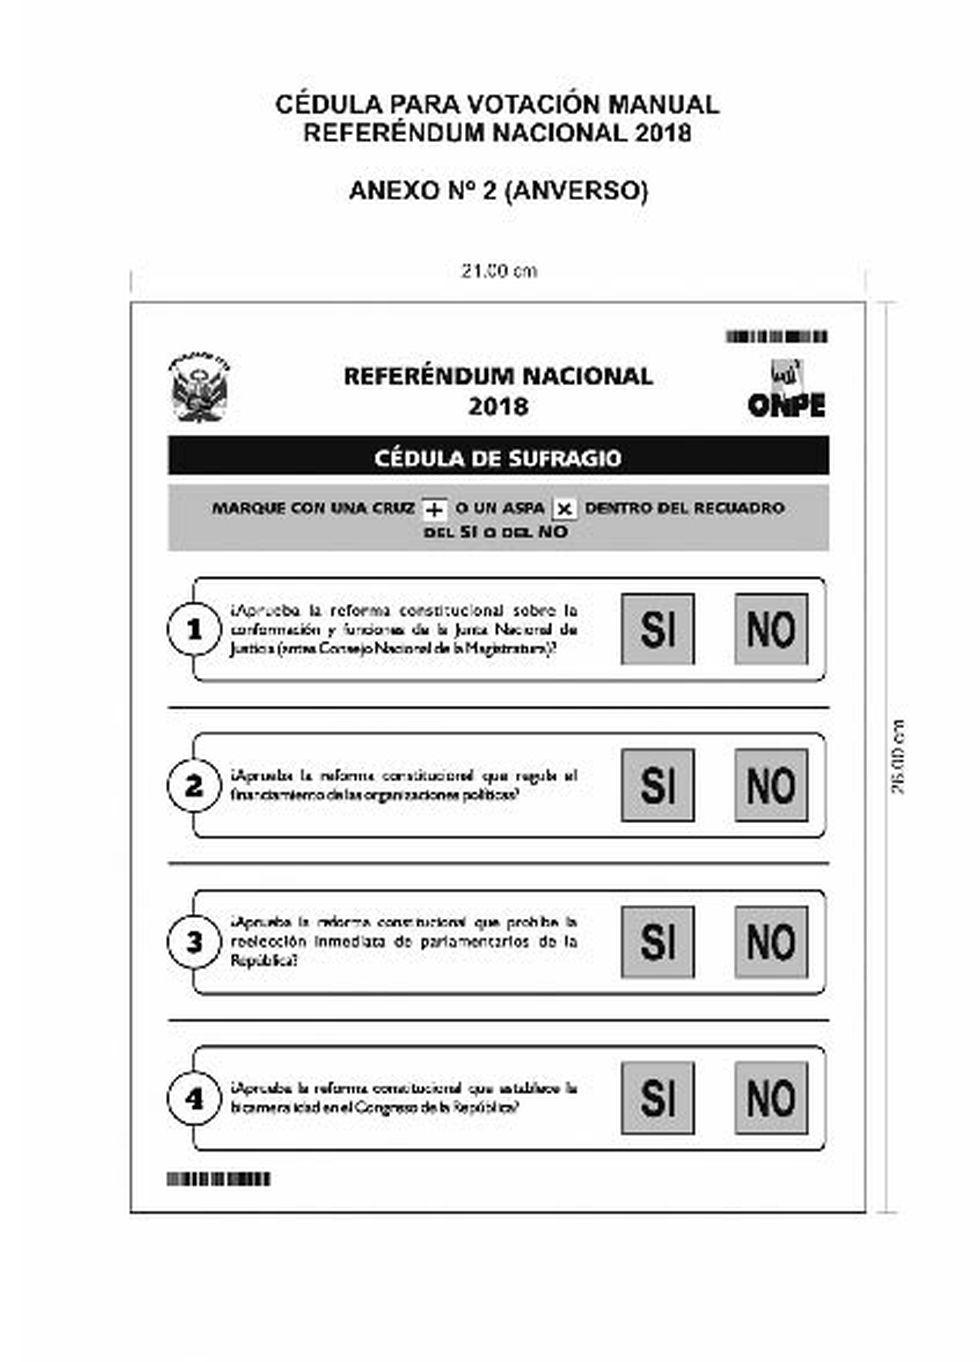 Esta es la cédula de sufragio manual del Referéndum Nacional 2018.